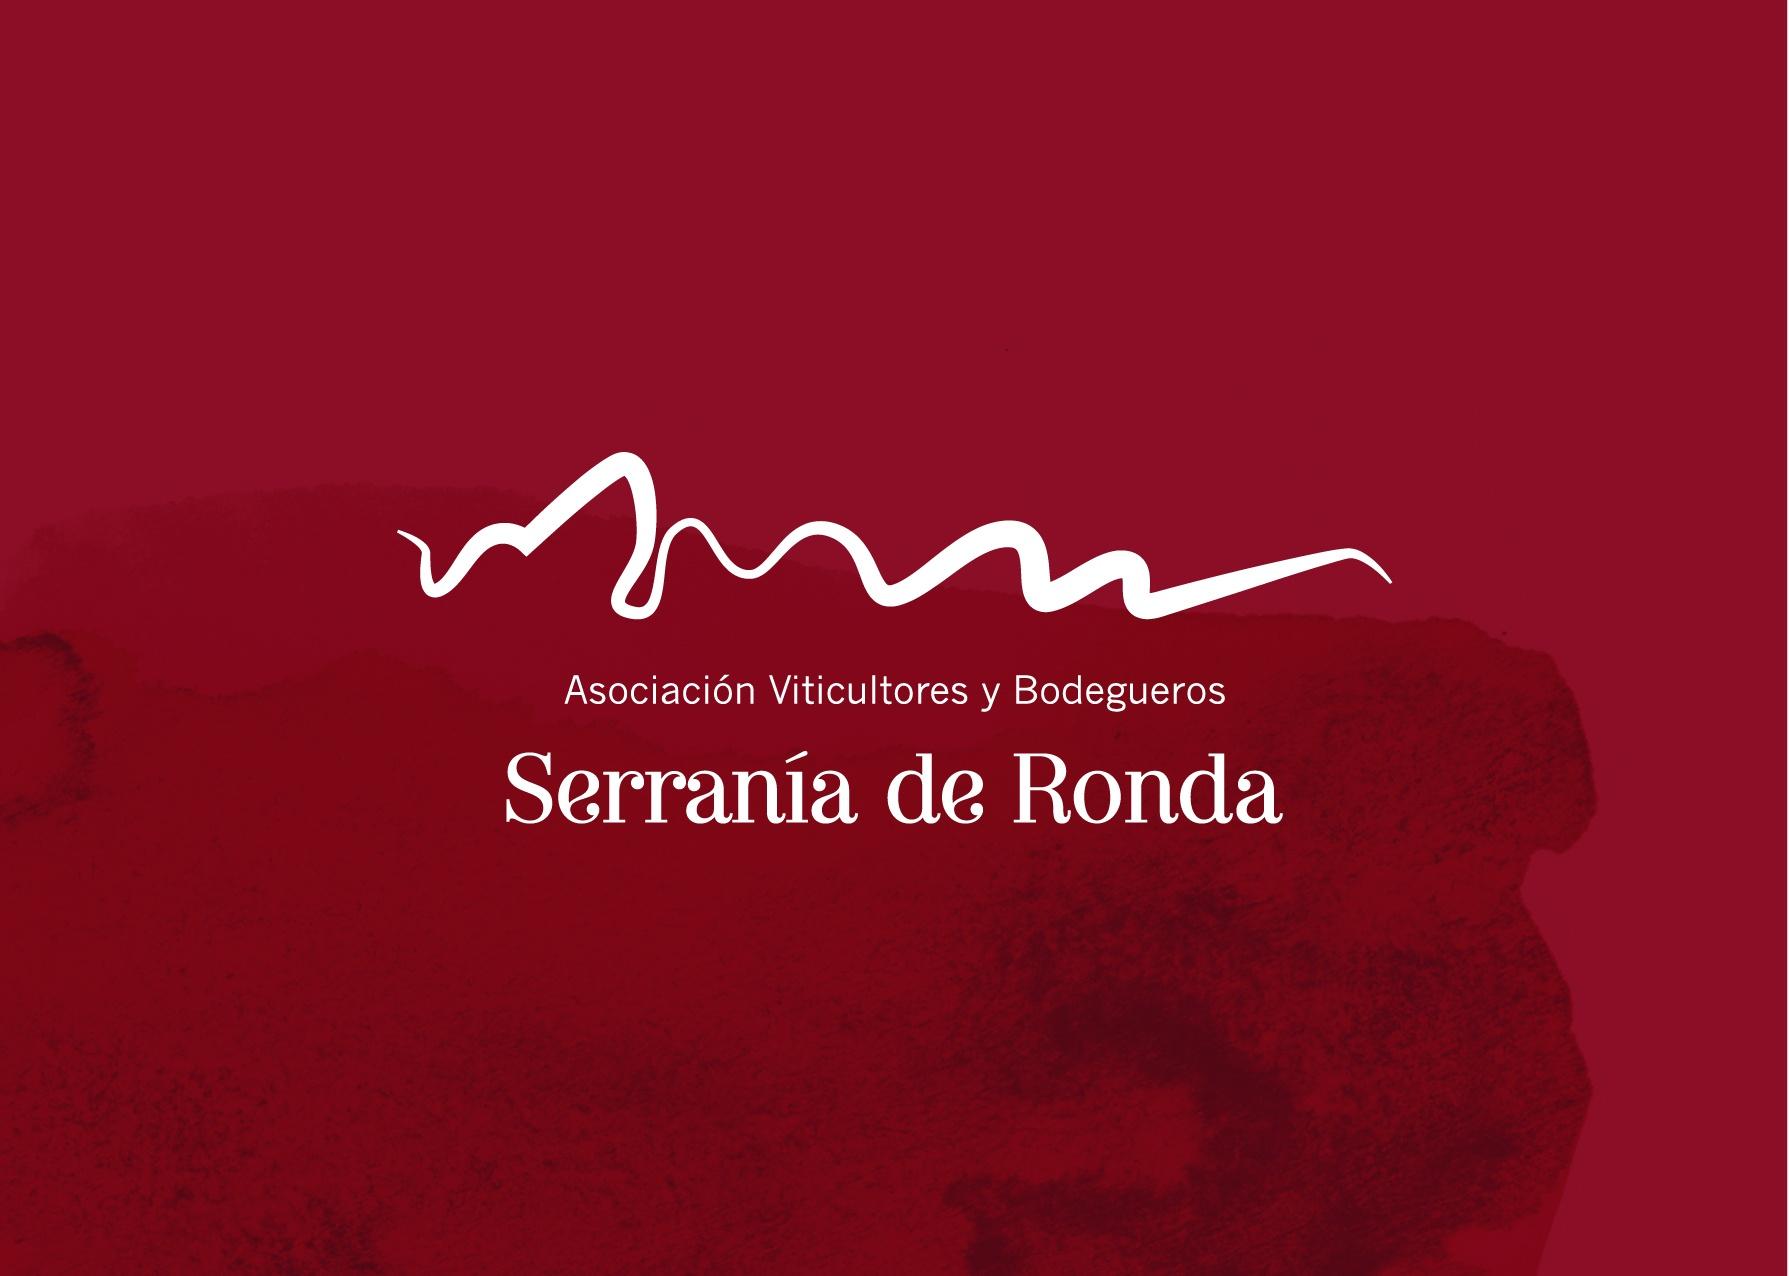 La Asociación de Viticultores y Bodegueros de la Serranía de Ronda elige su nuevo logotipo.